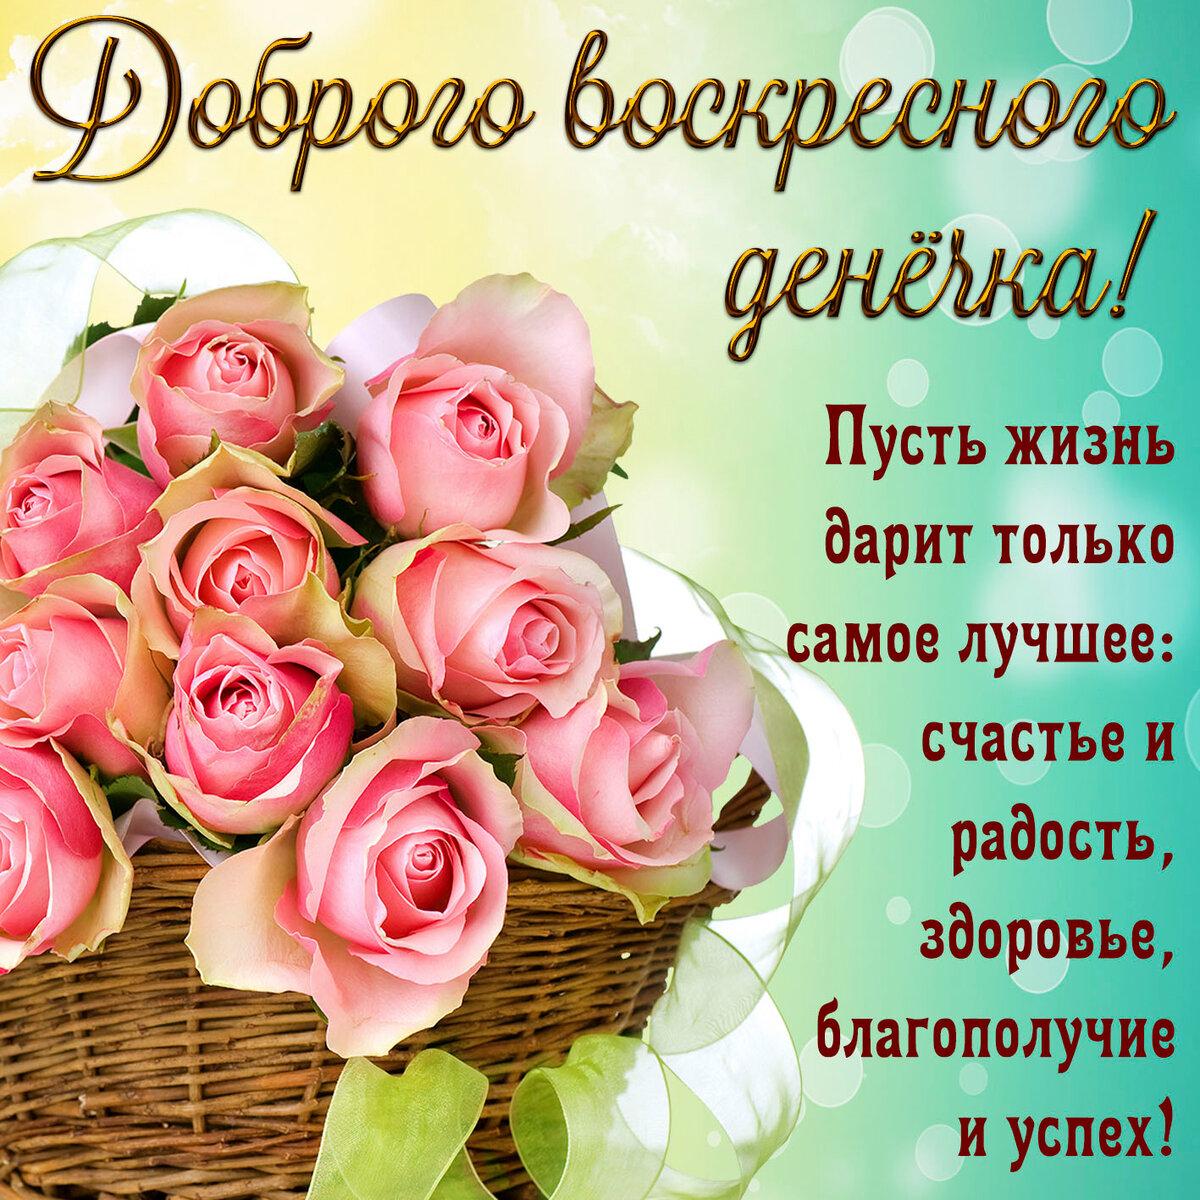 Днем рождения, открытки хорошего воскресения красивой женщине